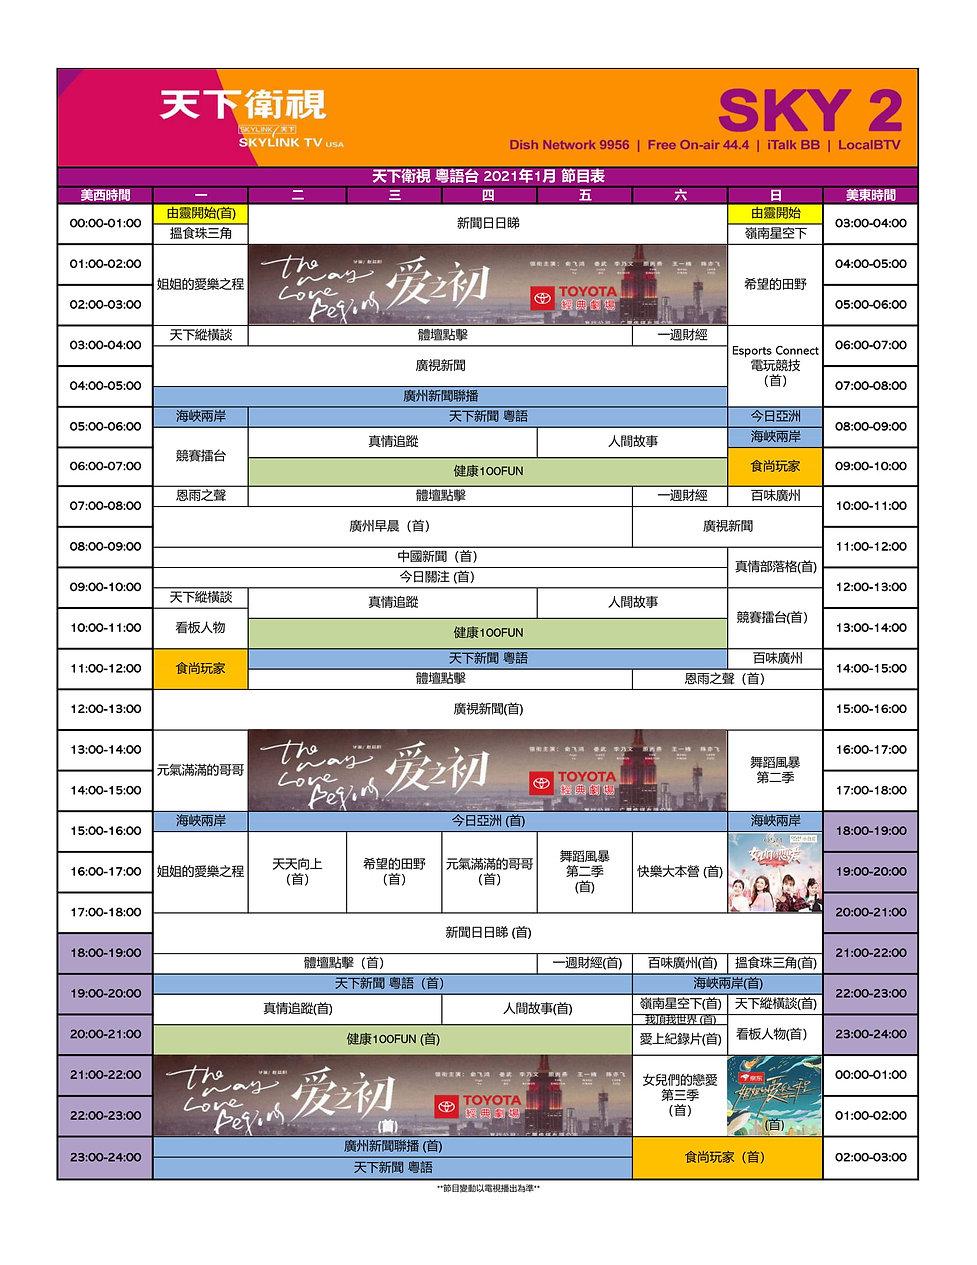 2021年1月粵語台節目表-1.jpg